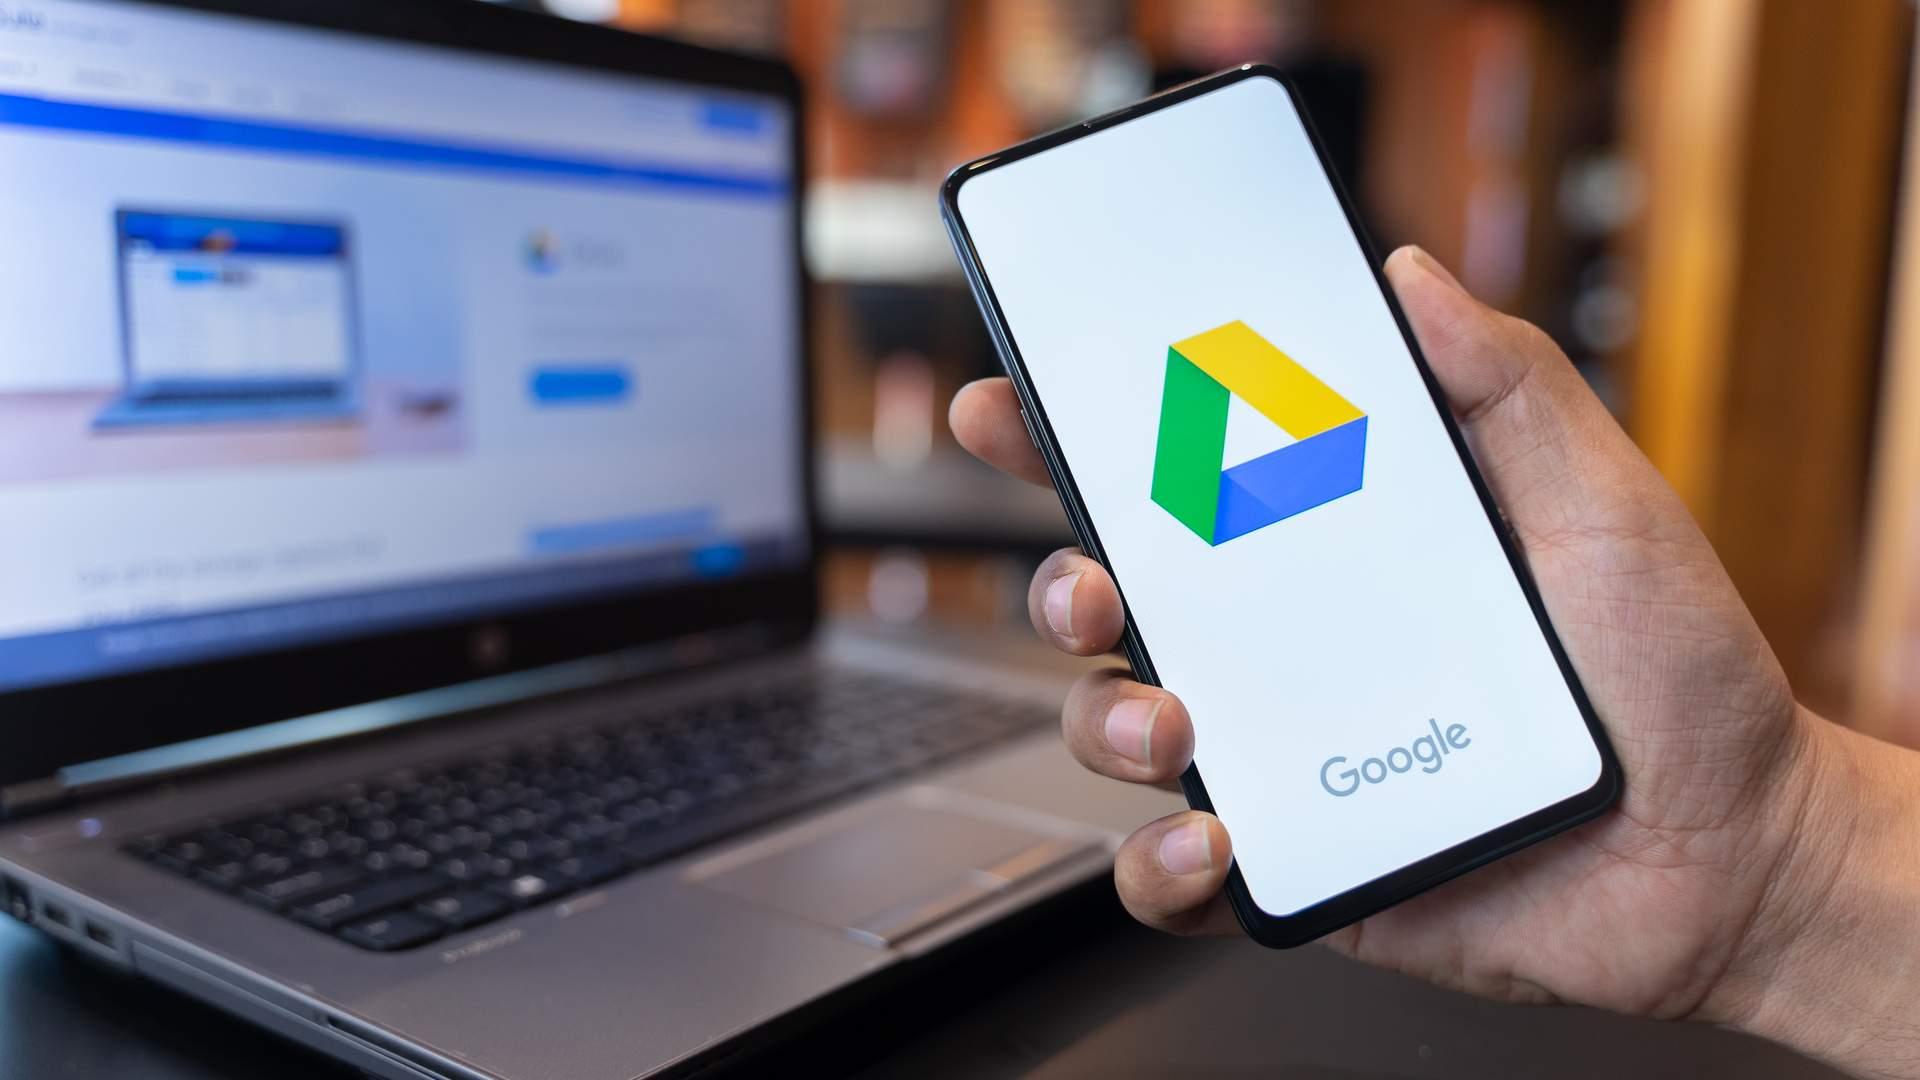 O Google Drive é um dos serviços mais usados atualmente (Fonte: Shutterstock/Nopparat Khoktong)